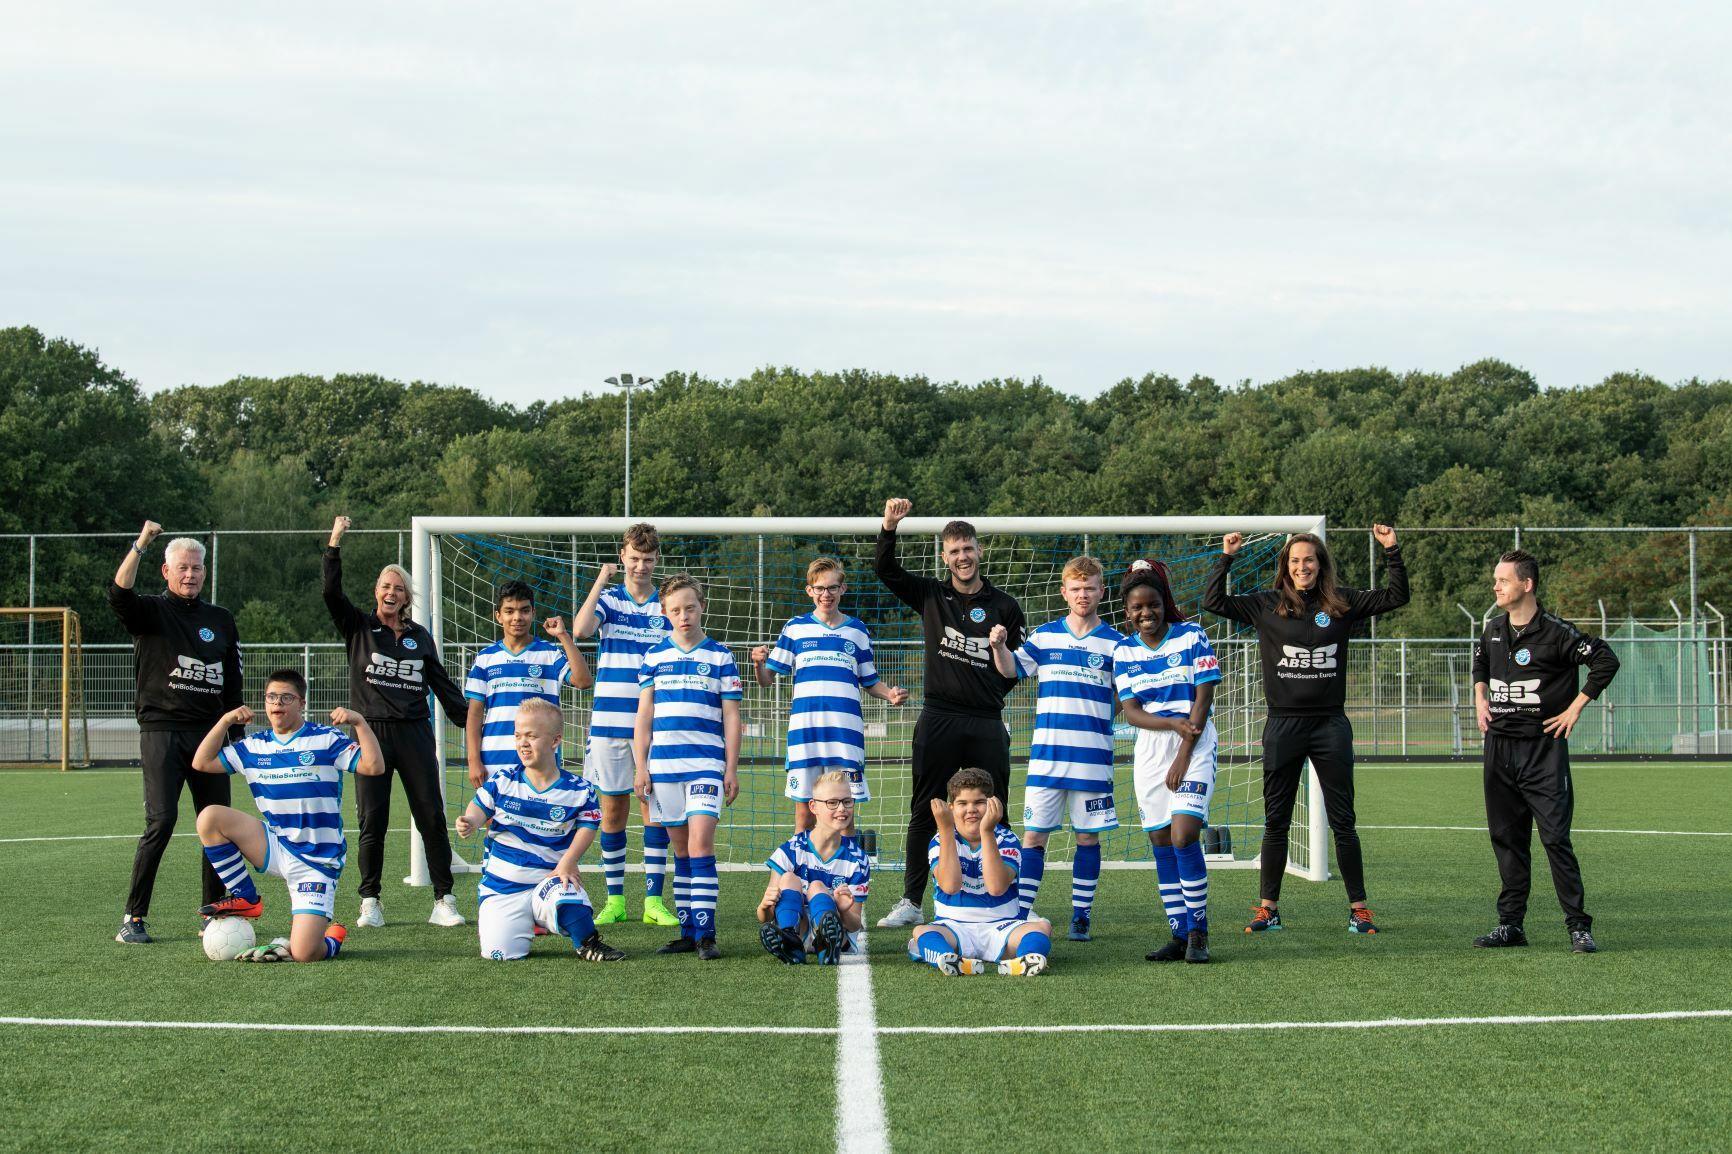 G-team-De-Graafschap-website.jpg